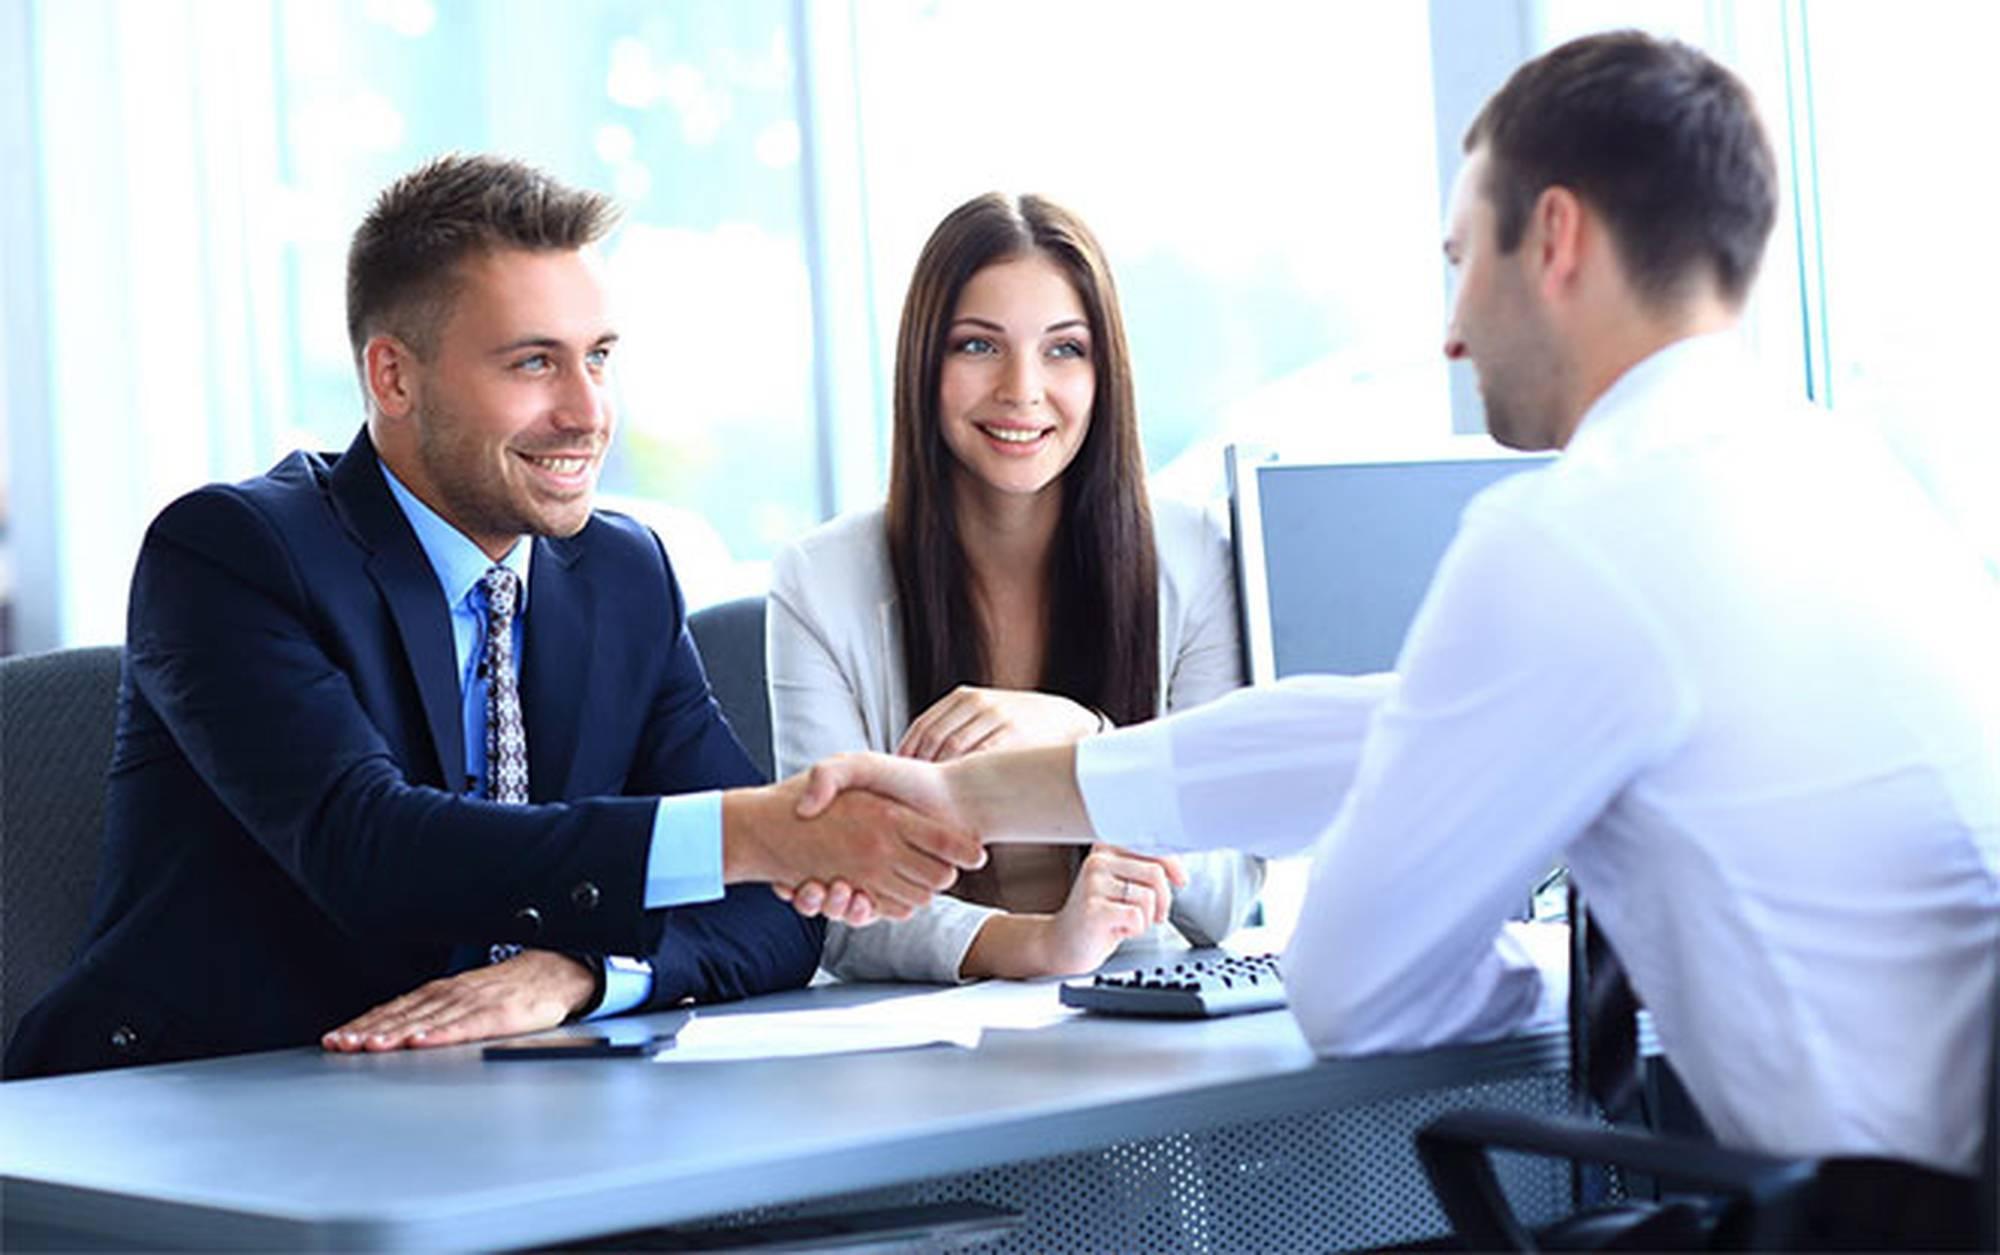 Как выбрать компанию-партнера для оказания услуг бизнес-иммиграции.